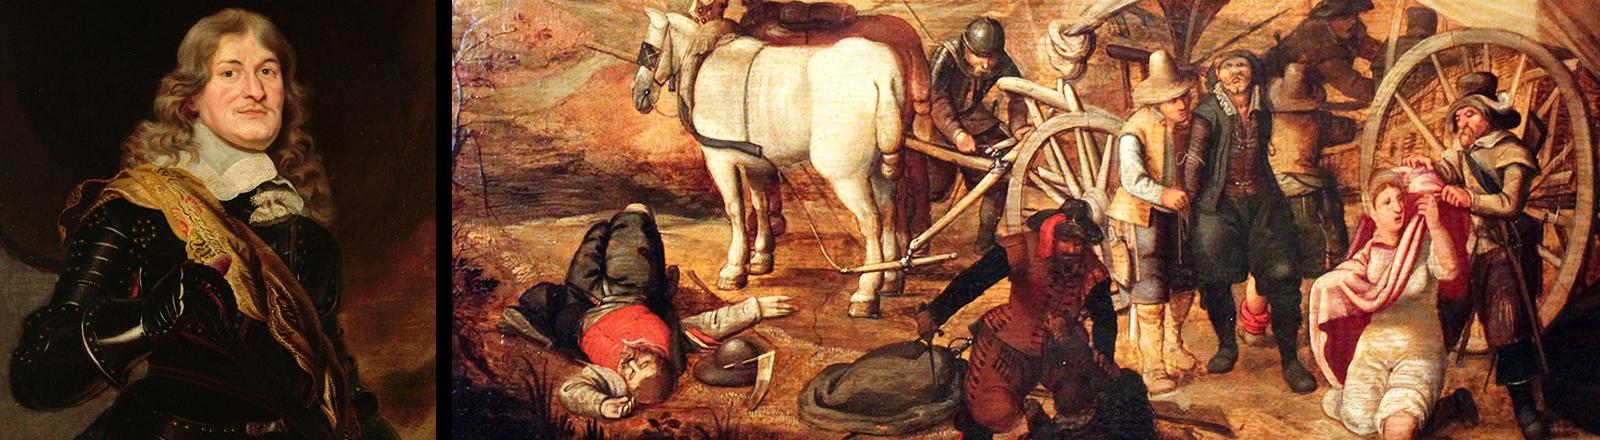 Friedrich Wilhelm von Brandenburg (Frans Luycx um 1650) und Marodierende Soldaten (Sebastian Vrancx, 1647) Deutsches Historisches Museum Berlin